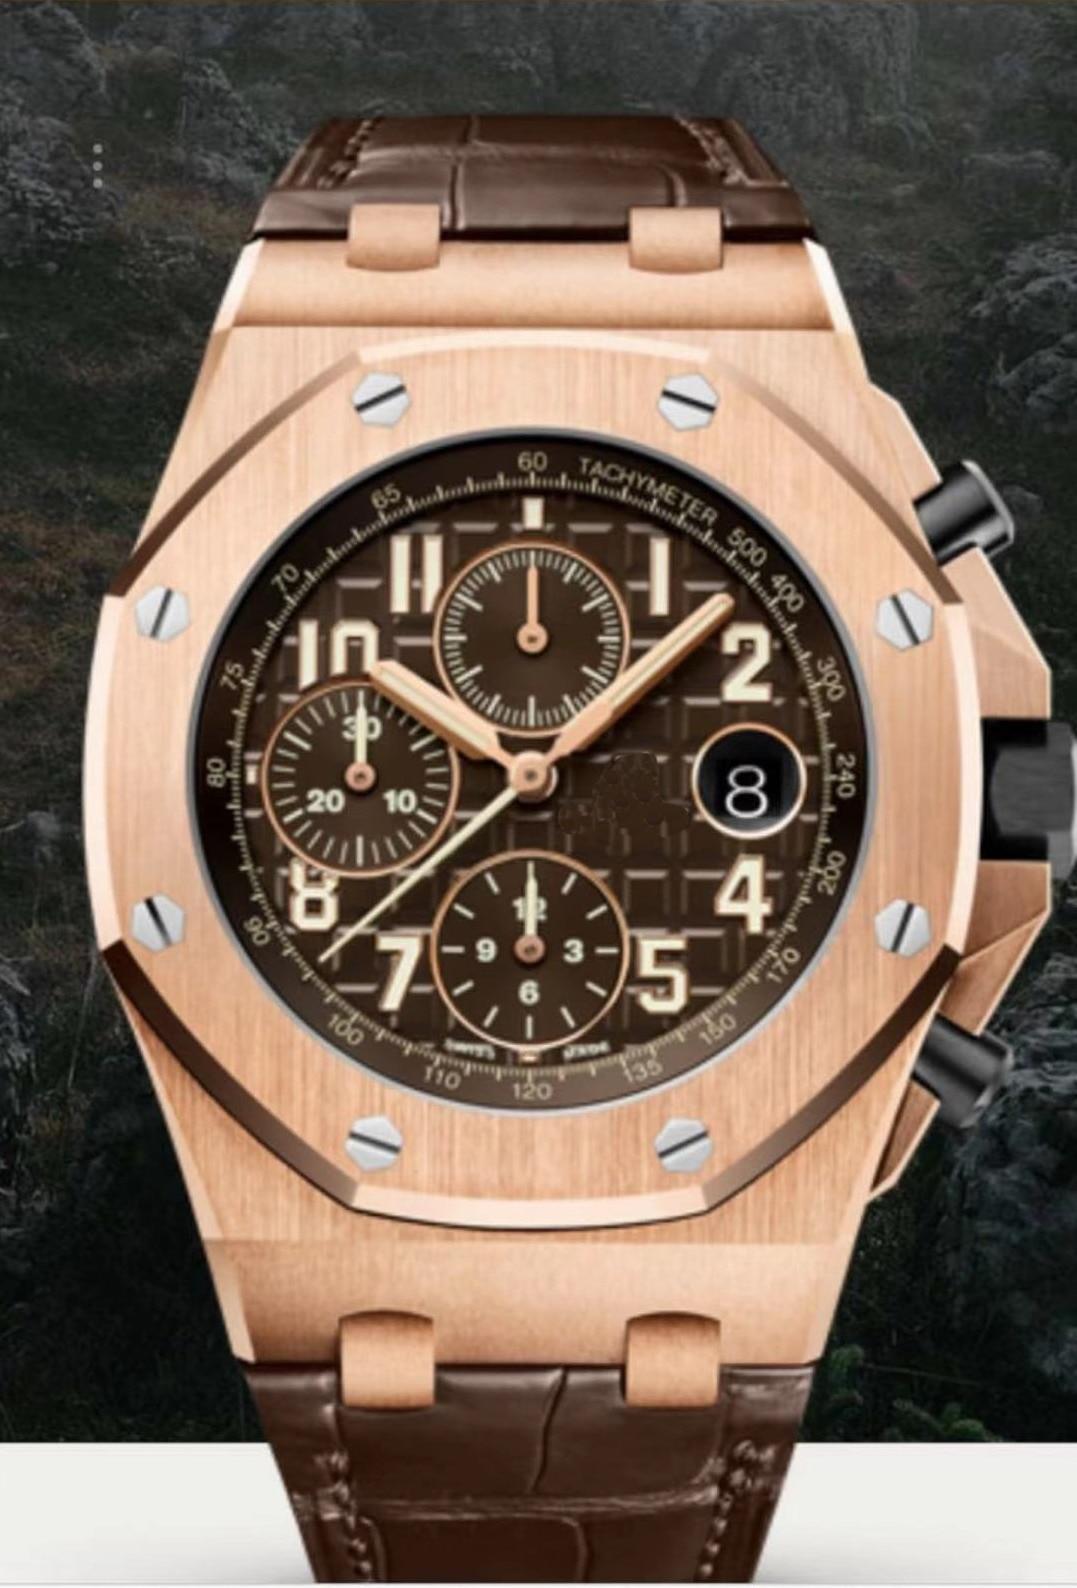 Nouveau chronographe en cuir marron de luxe pour hommes montre chronomètre bleu noir café Rose or saphir cristal montres Sport AAA +